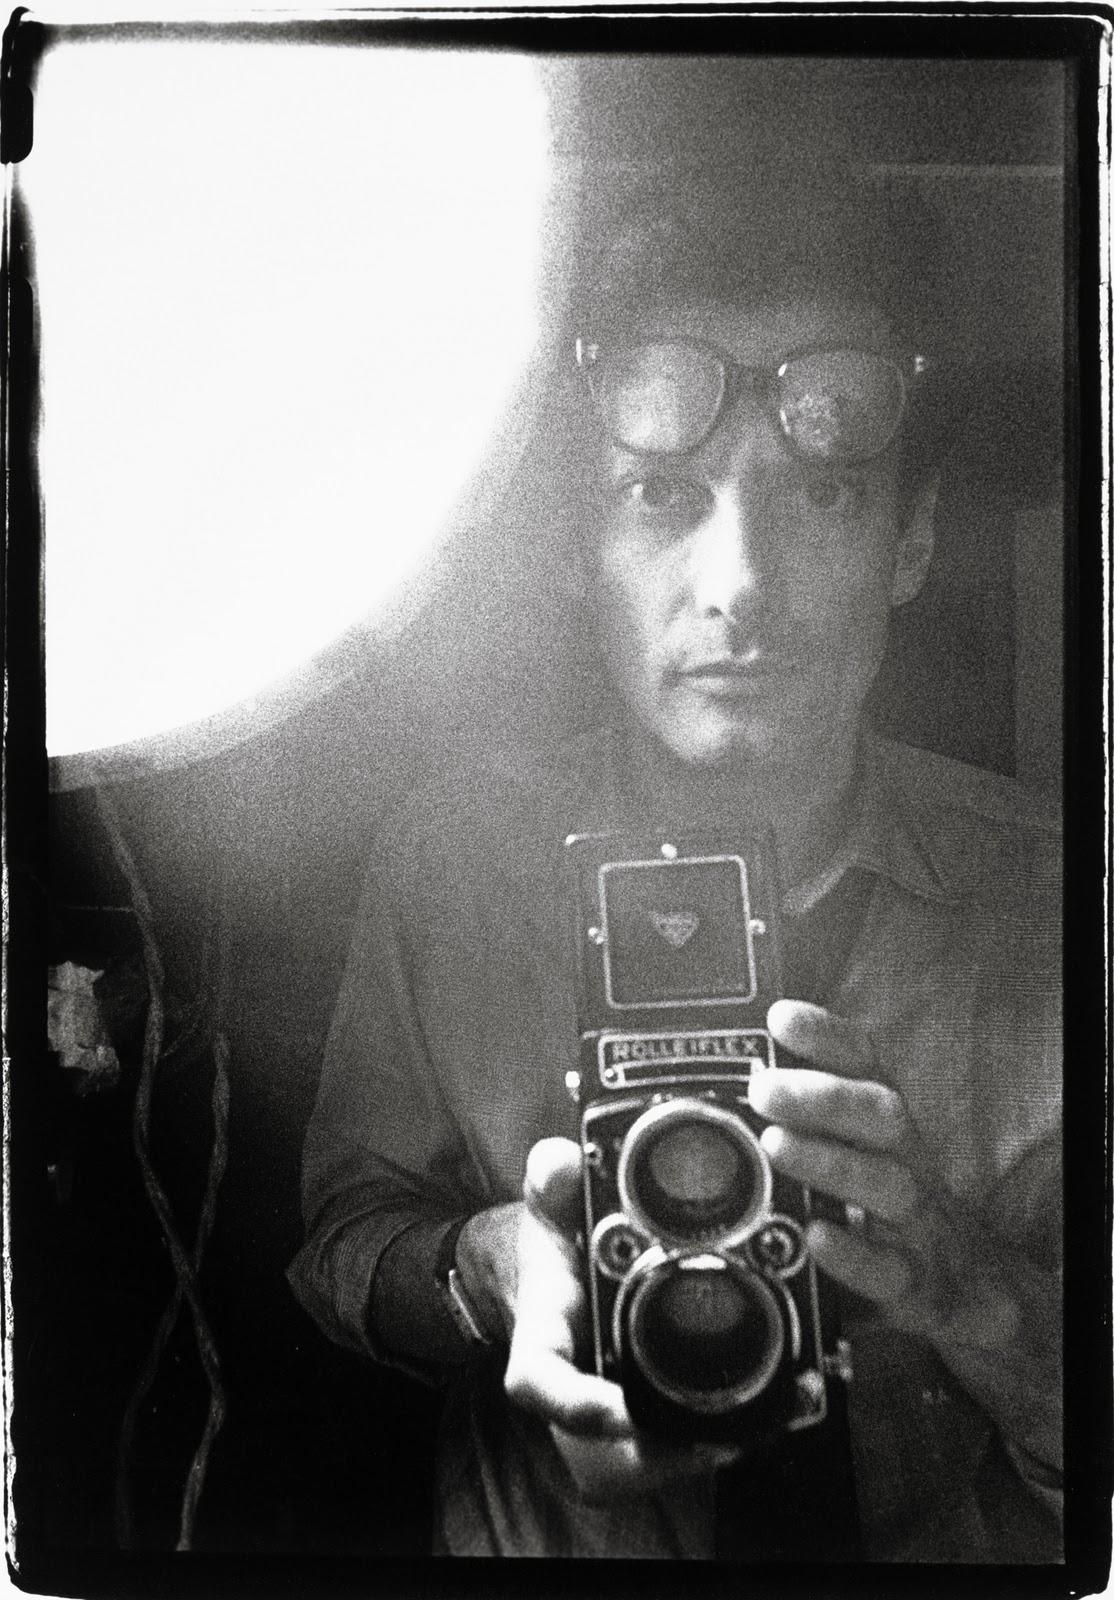 Richard Avedon, Selbstporträt 1963